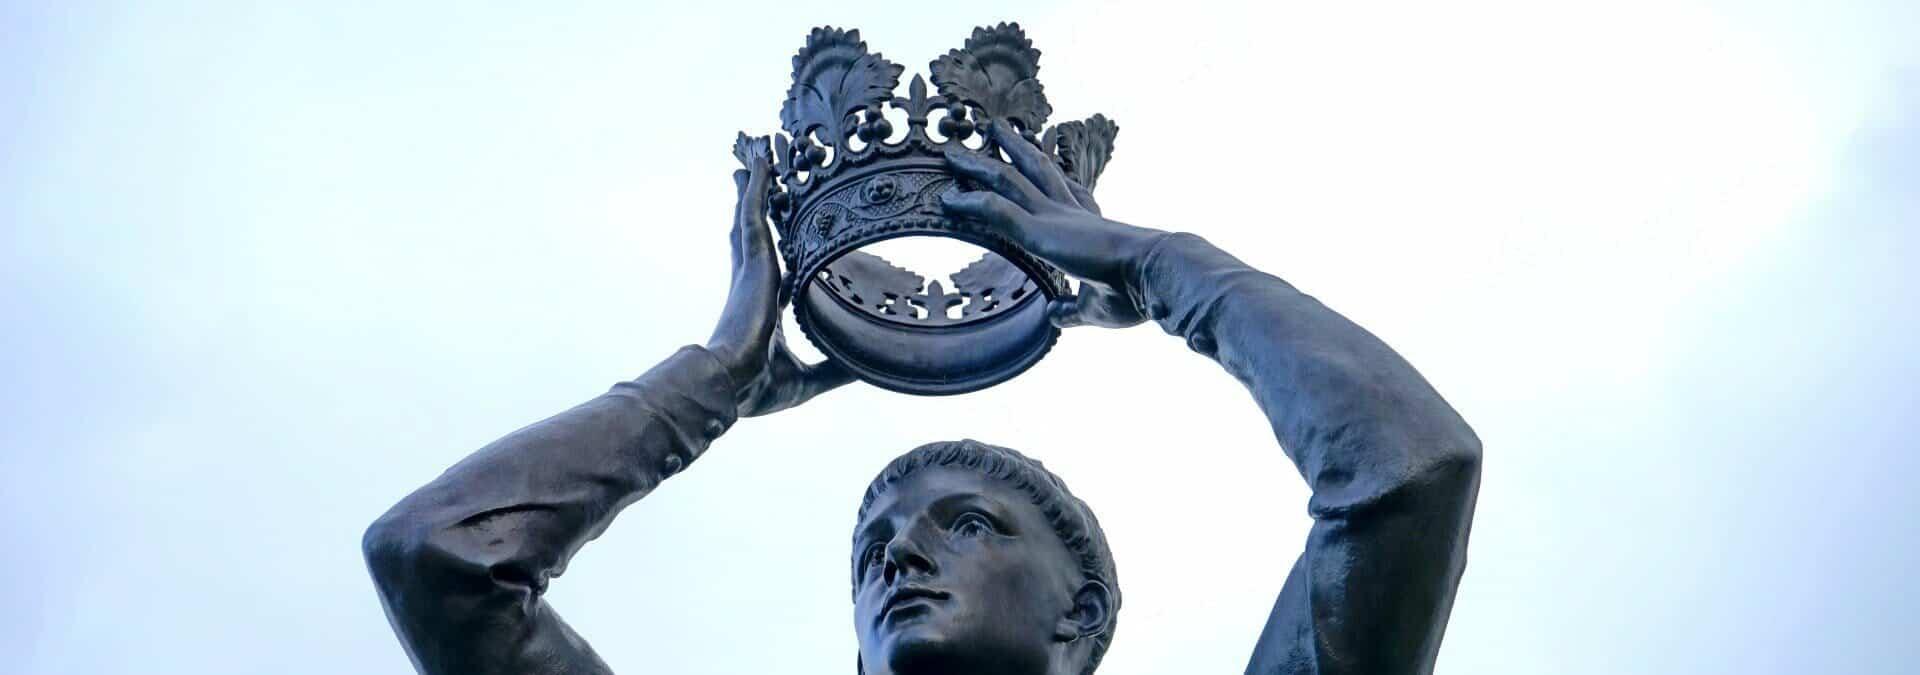 Hoe krijg je domain authority en page authority en word je de koning van het web?